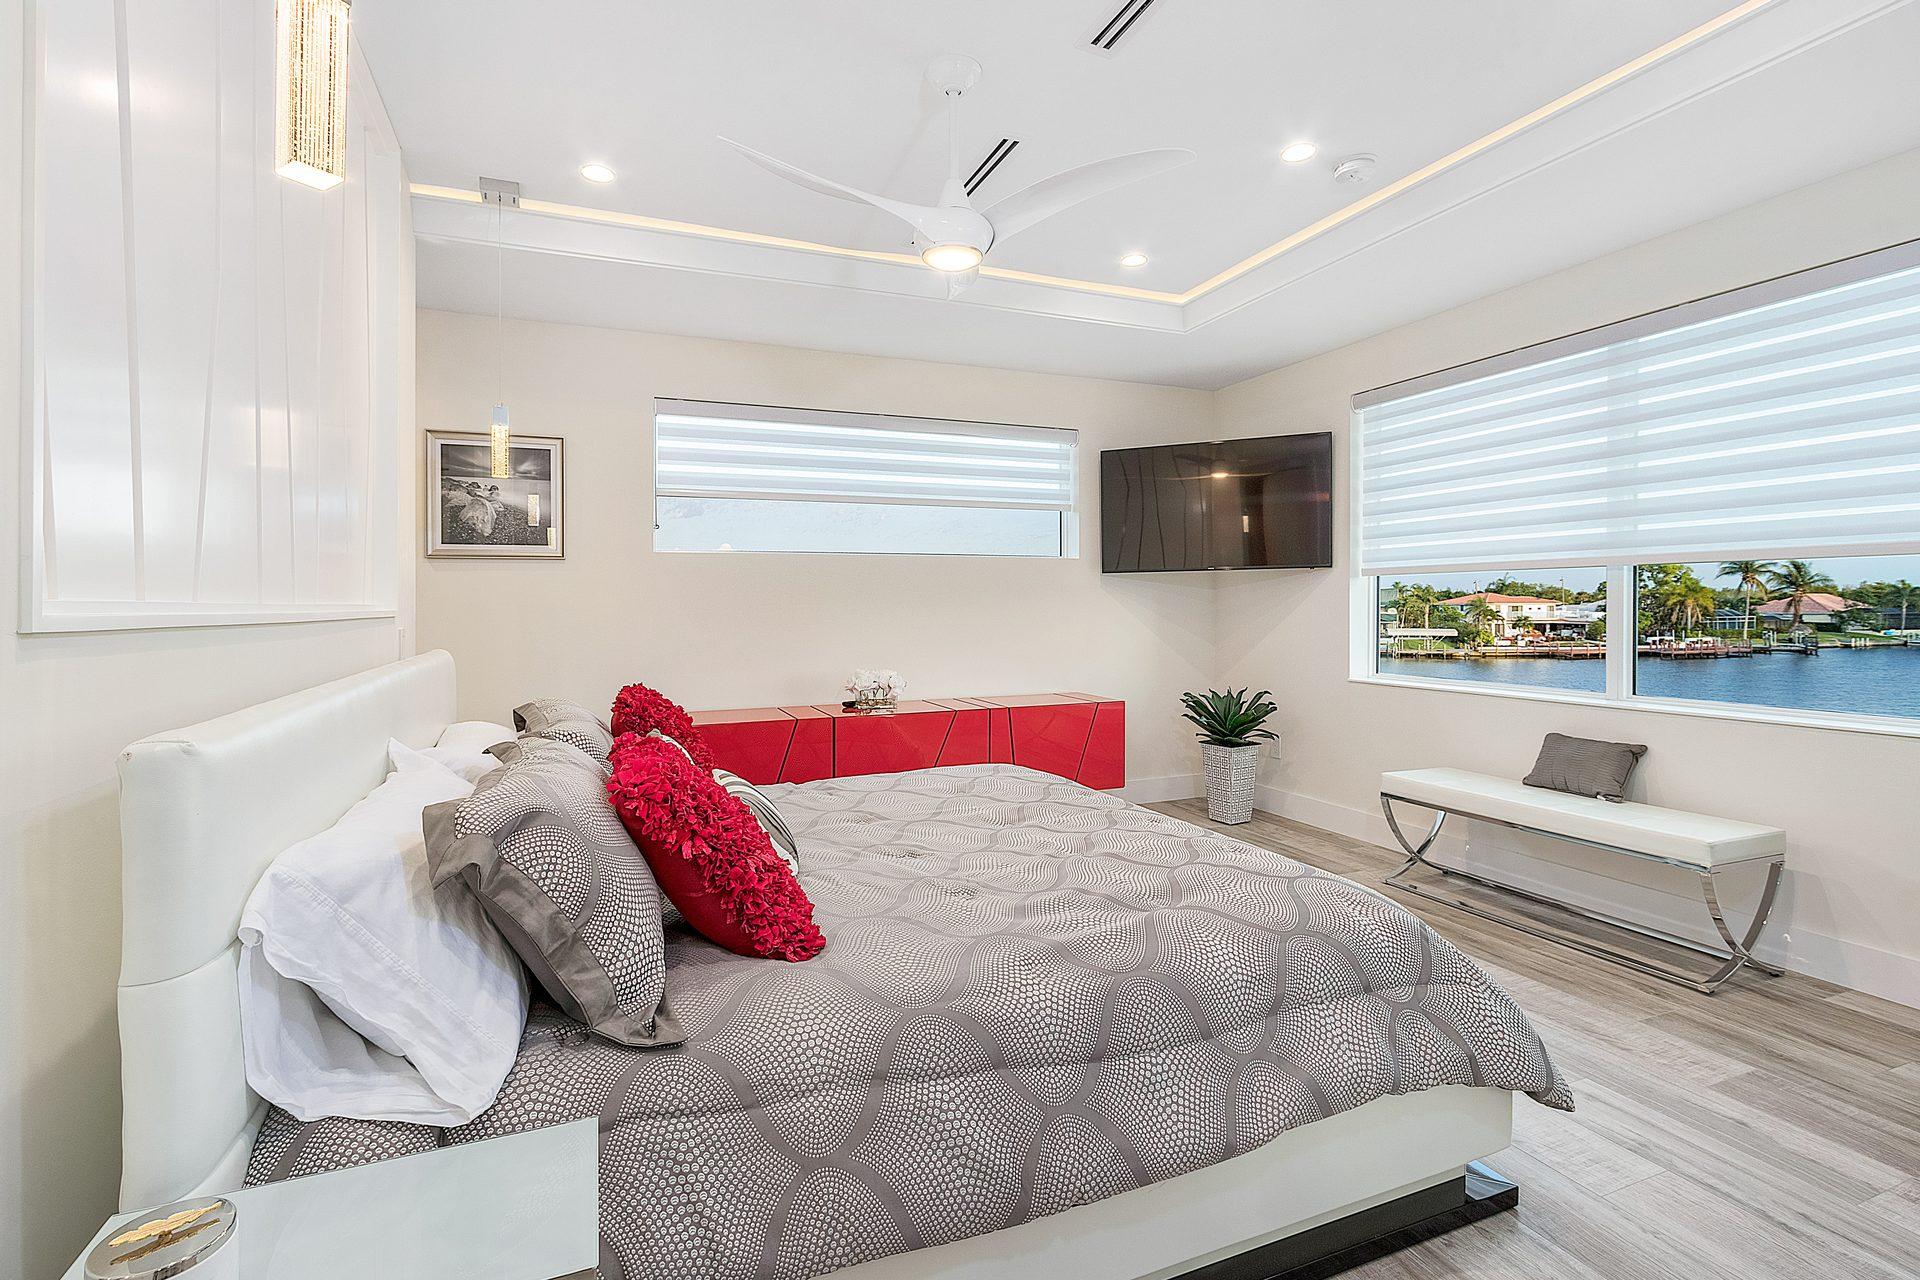 Schlafzimmer im Ferienhaus